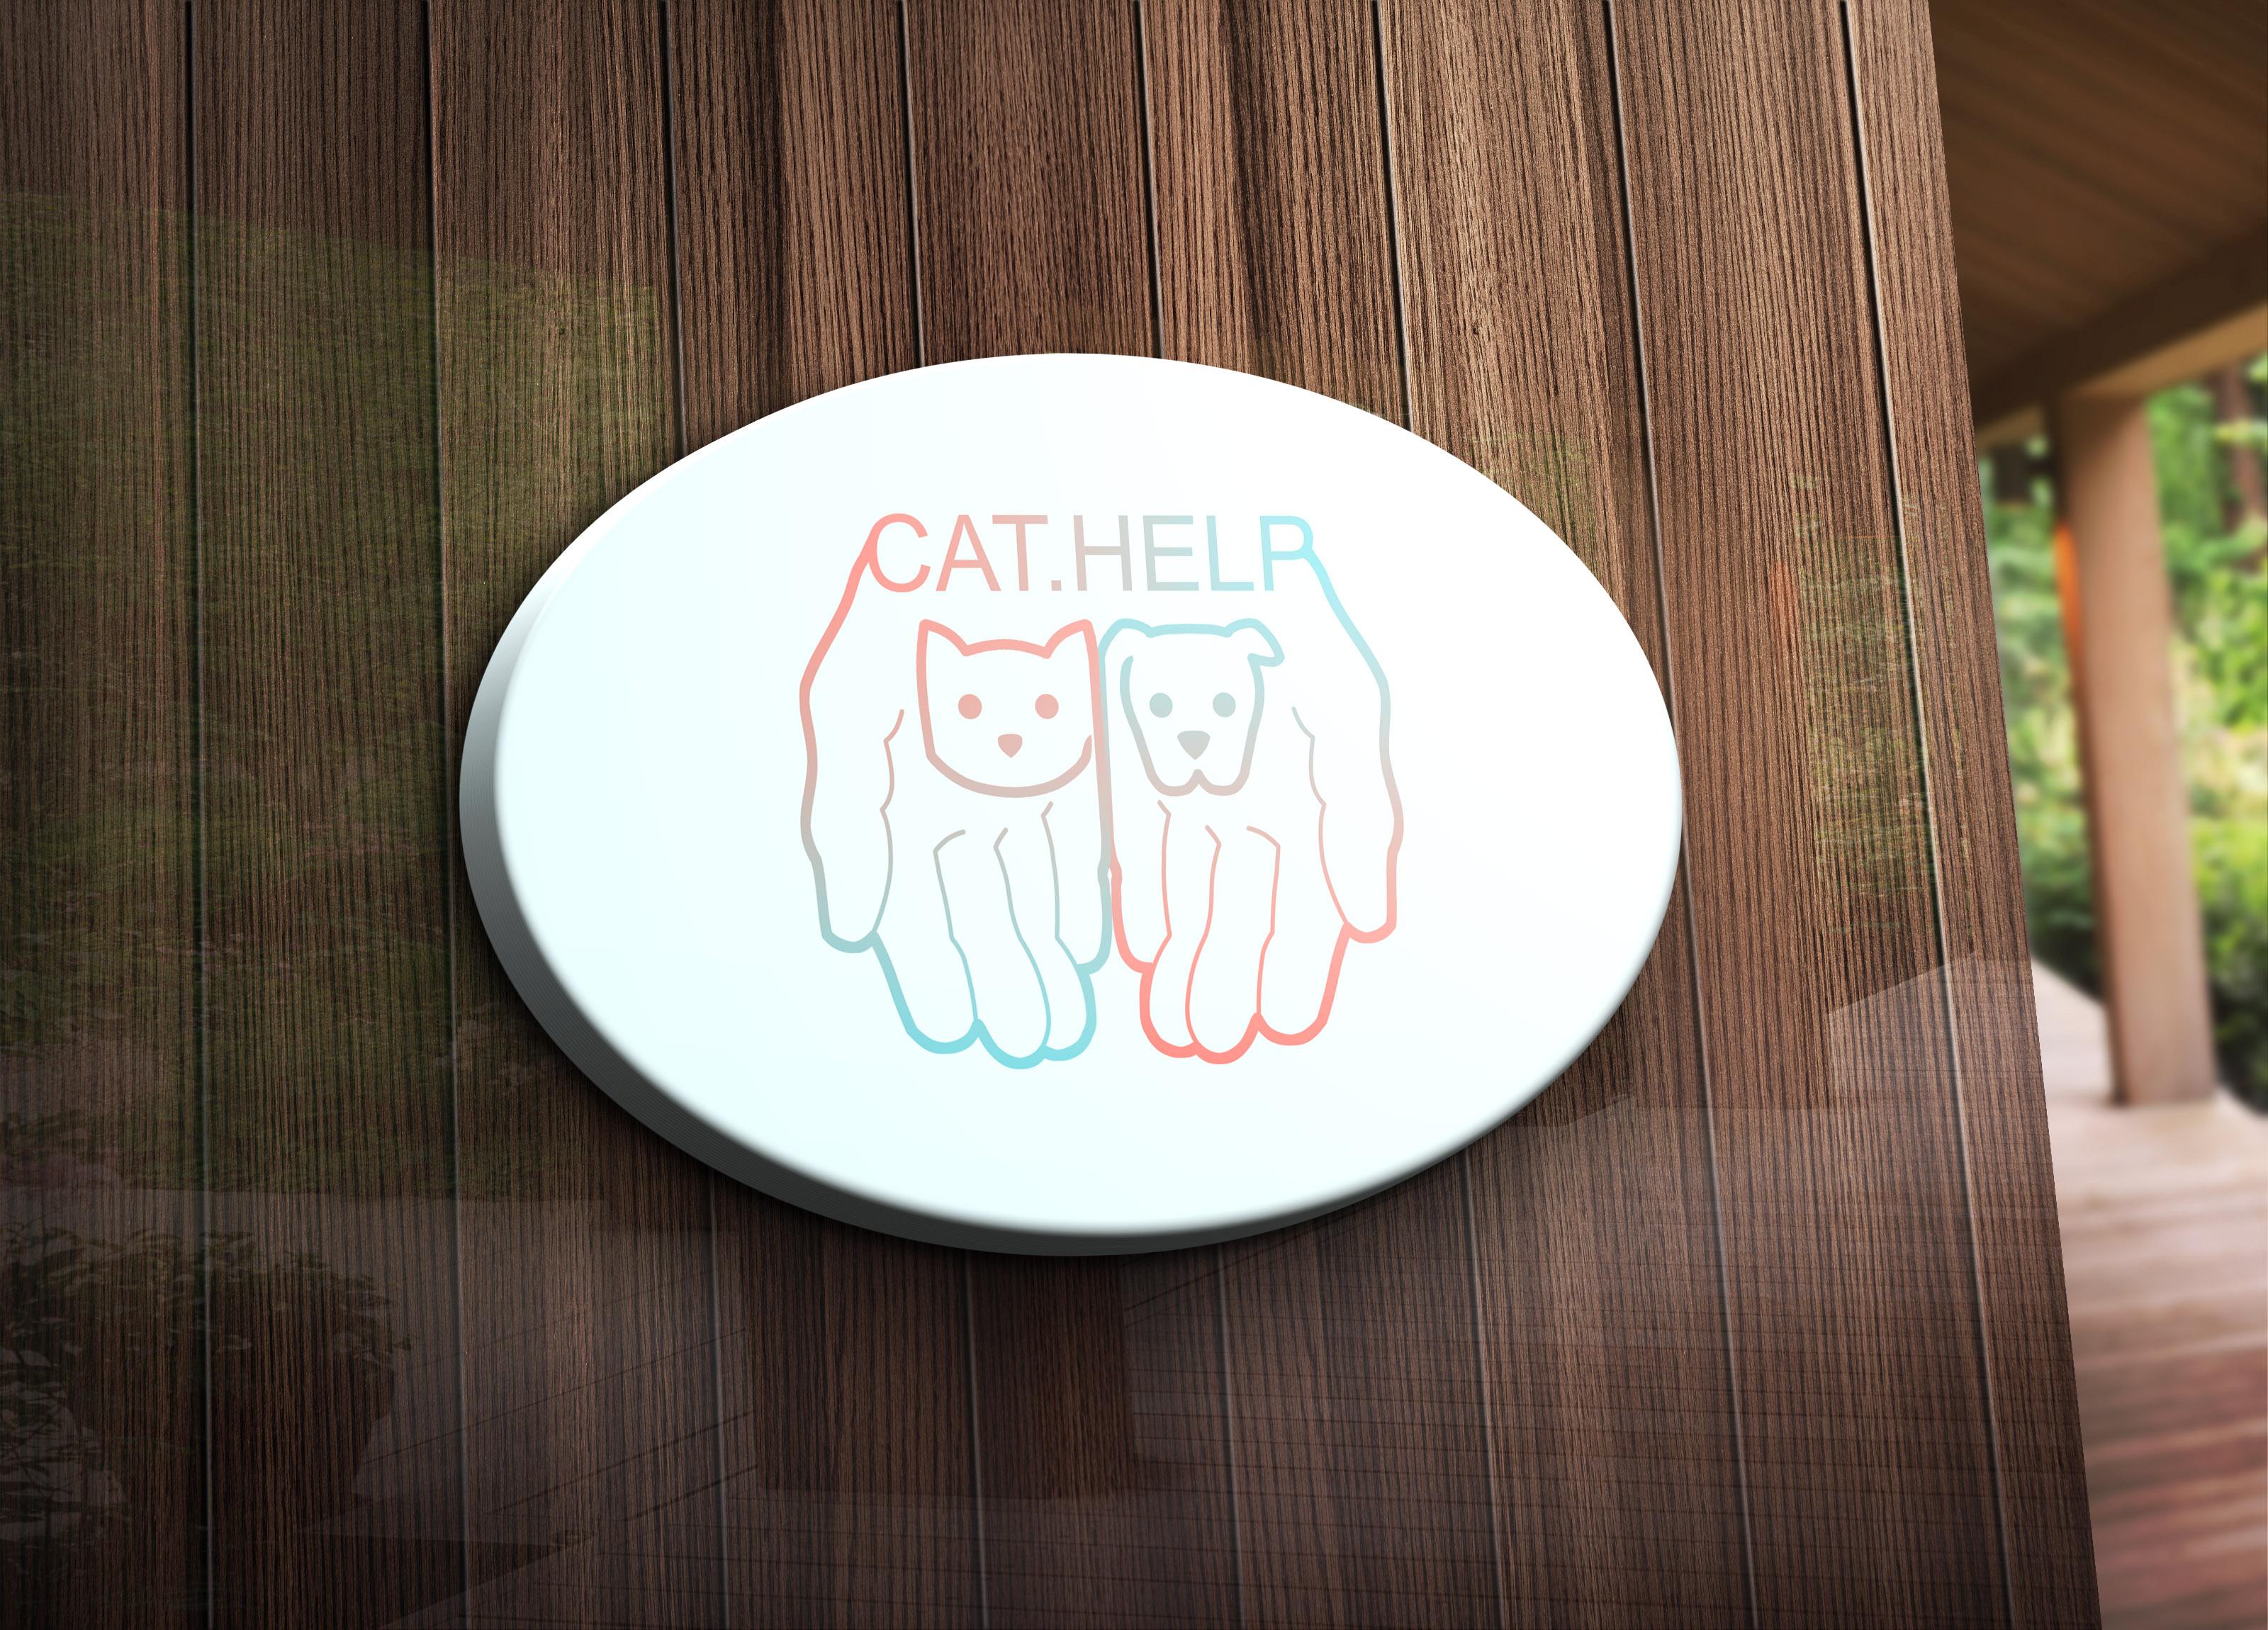 логотип для сайта и группы вк - cat.help фото f_57059da27318b983.jpg